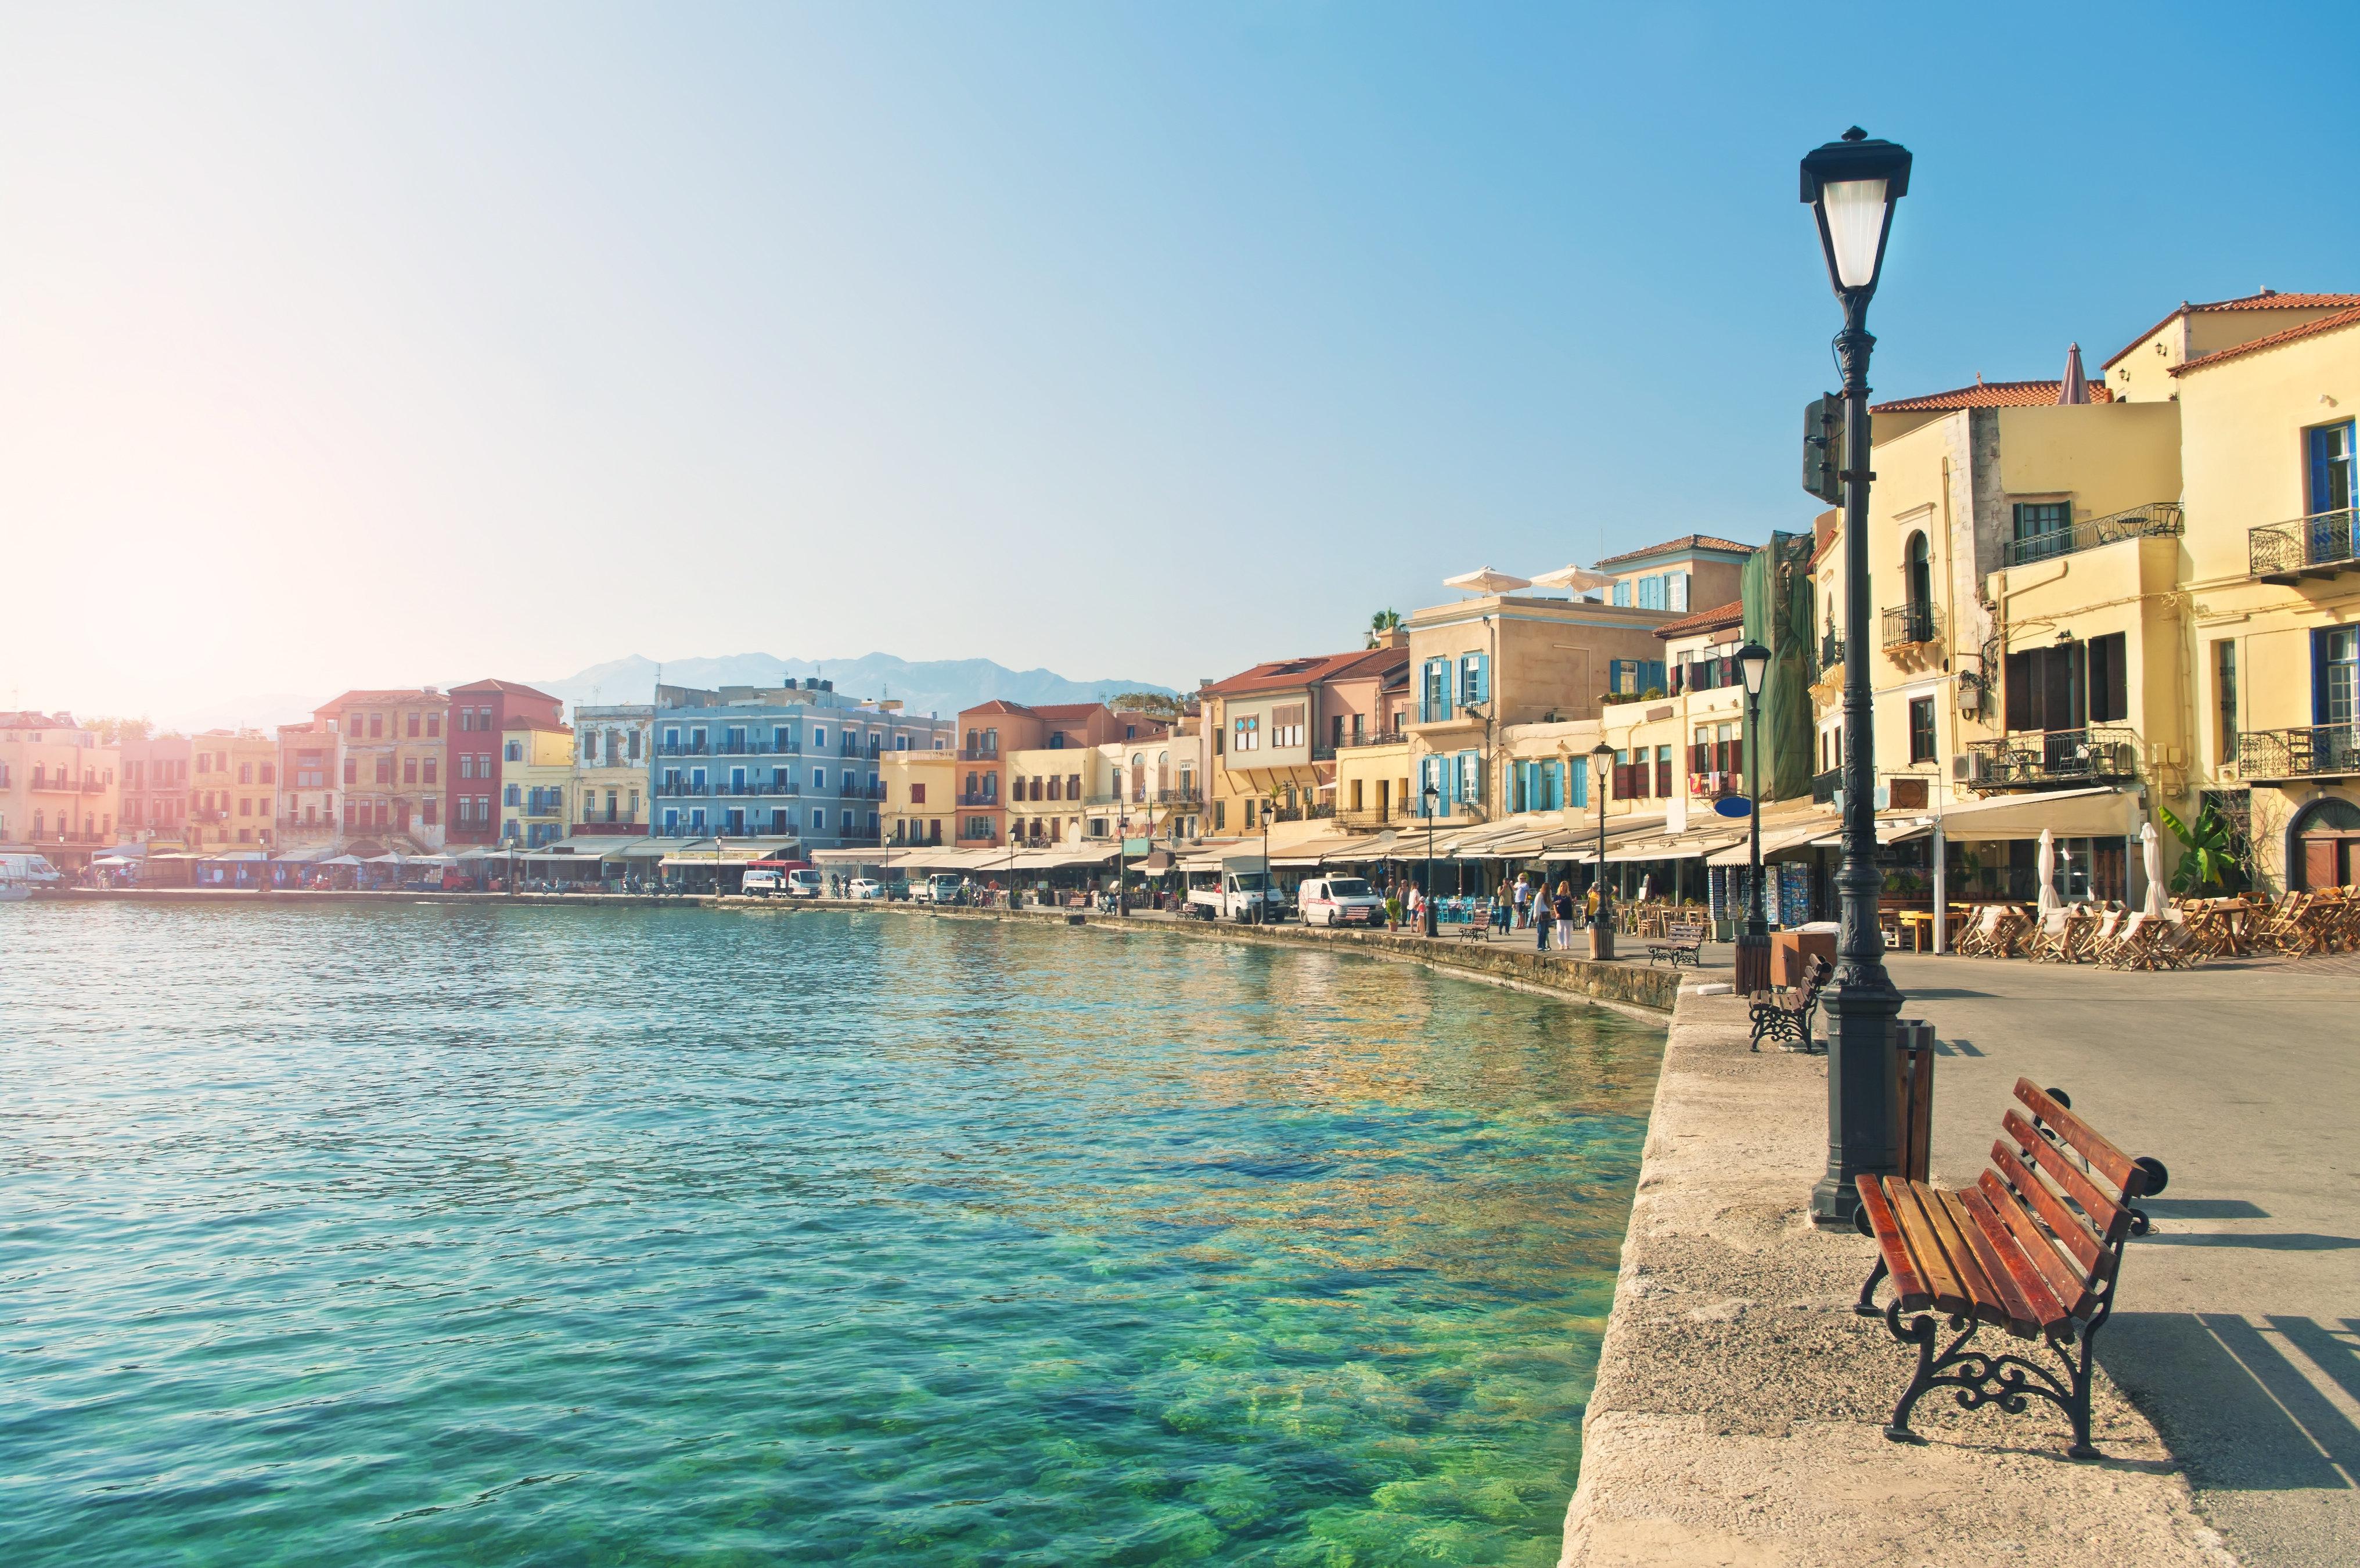 Αυτό το ελληνικό νησί είναι πόλος έλξης για κρουαζιέρες. Το 1 εκ. αναμένεται να φτάσουν οι επισκέπτες της φετινής